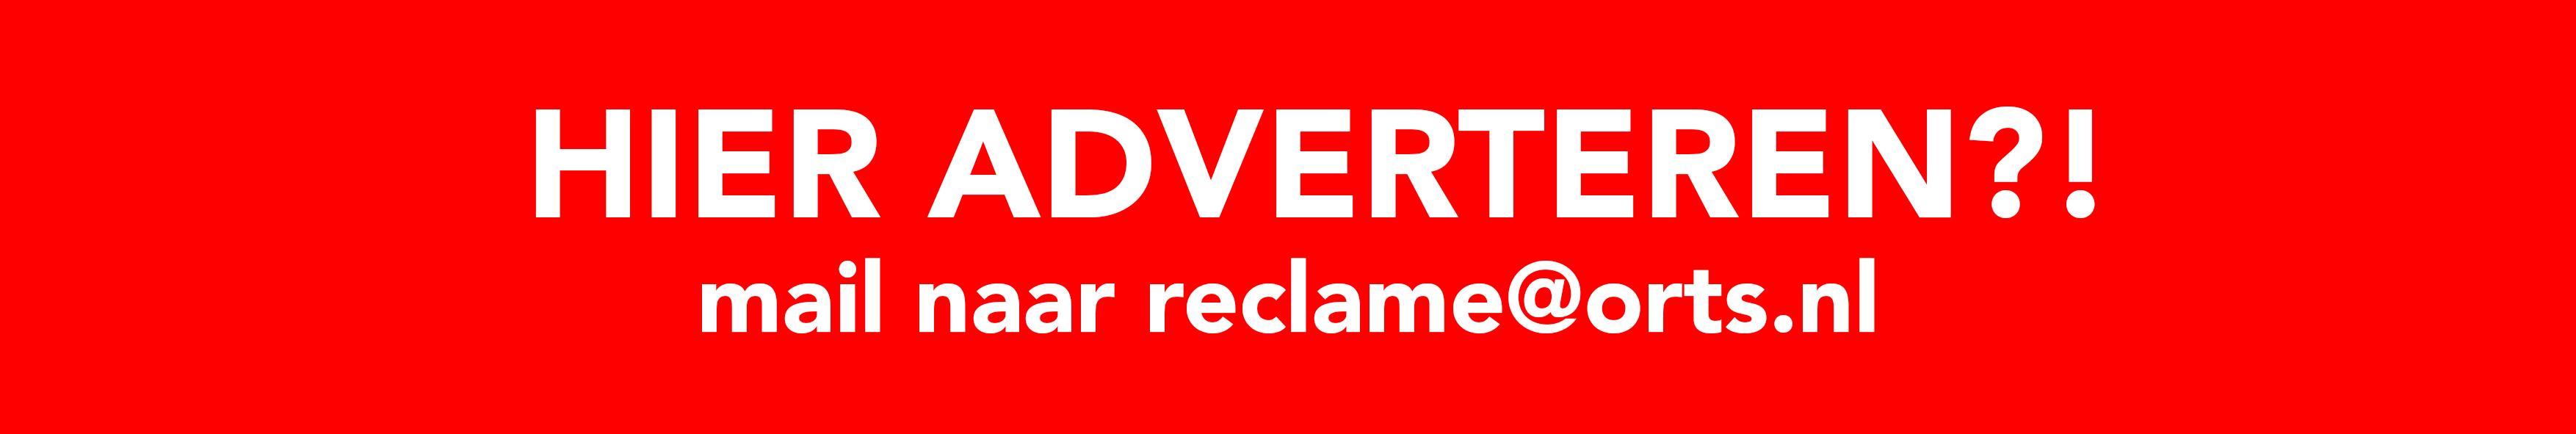 HIER ADVERTEREN